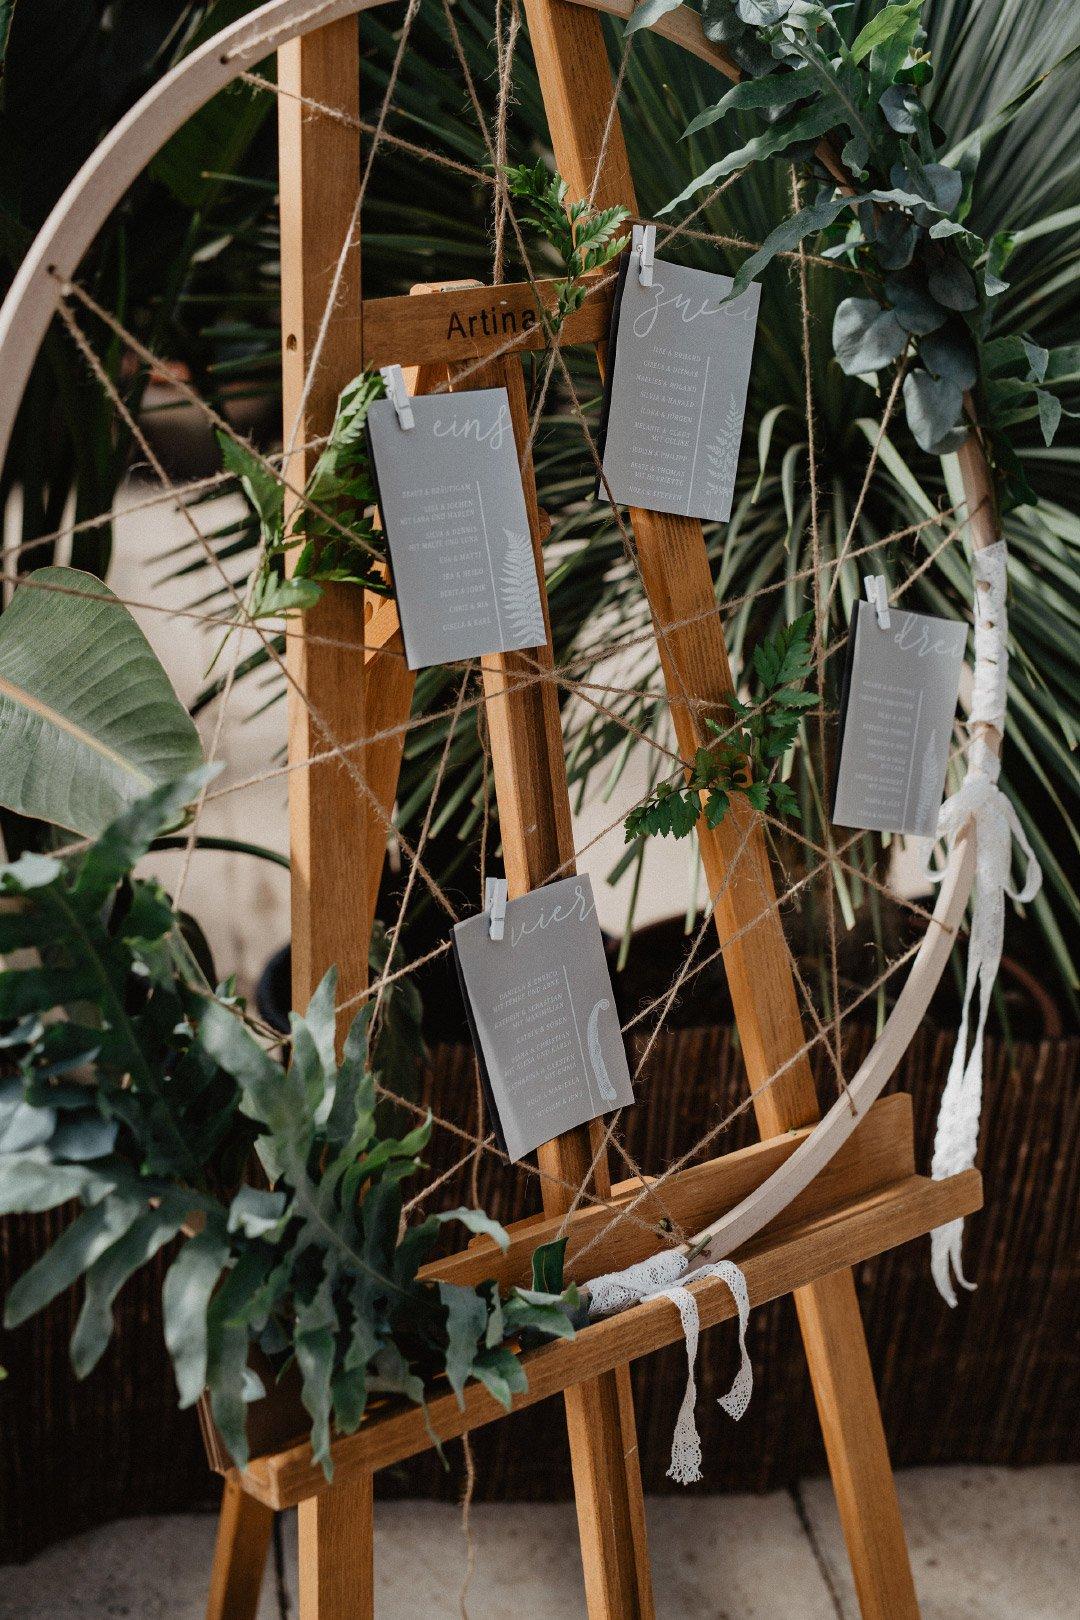 Sitzplan bei der Hochzeit im Gewächshaus